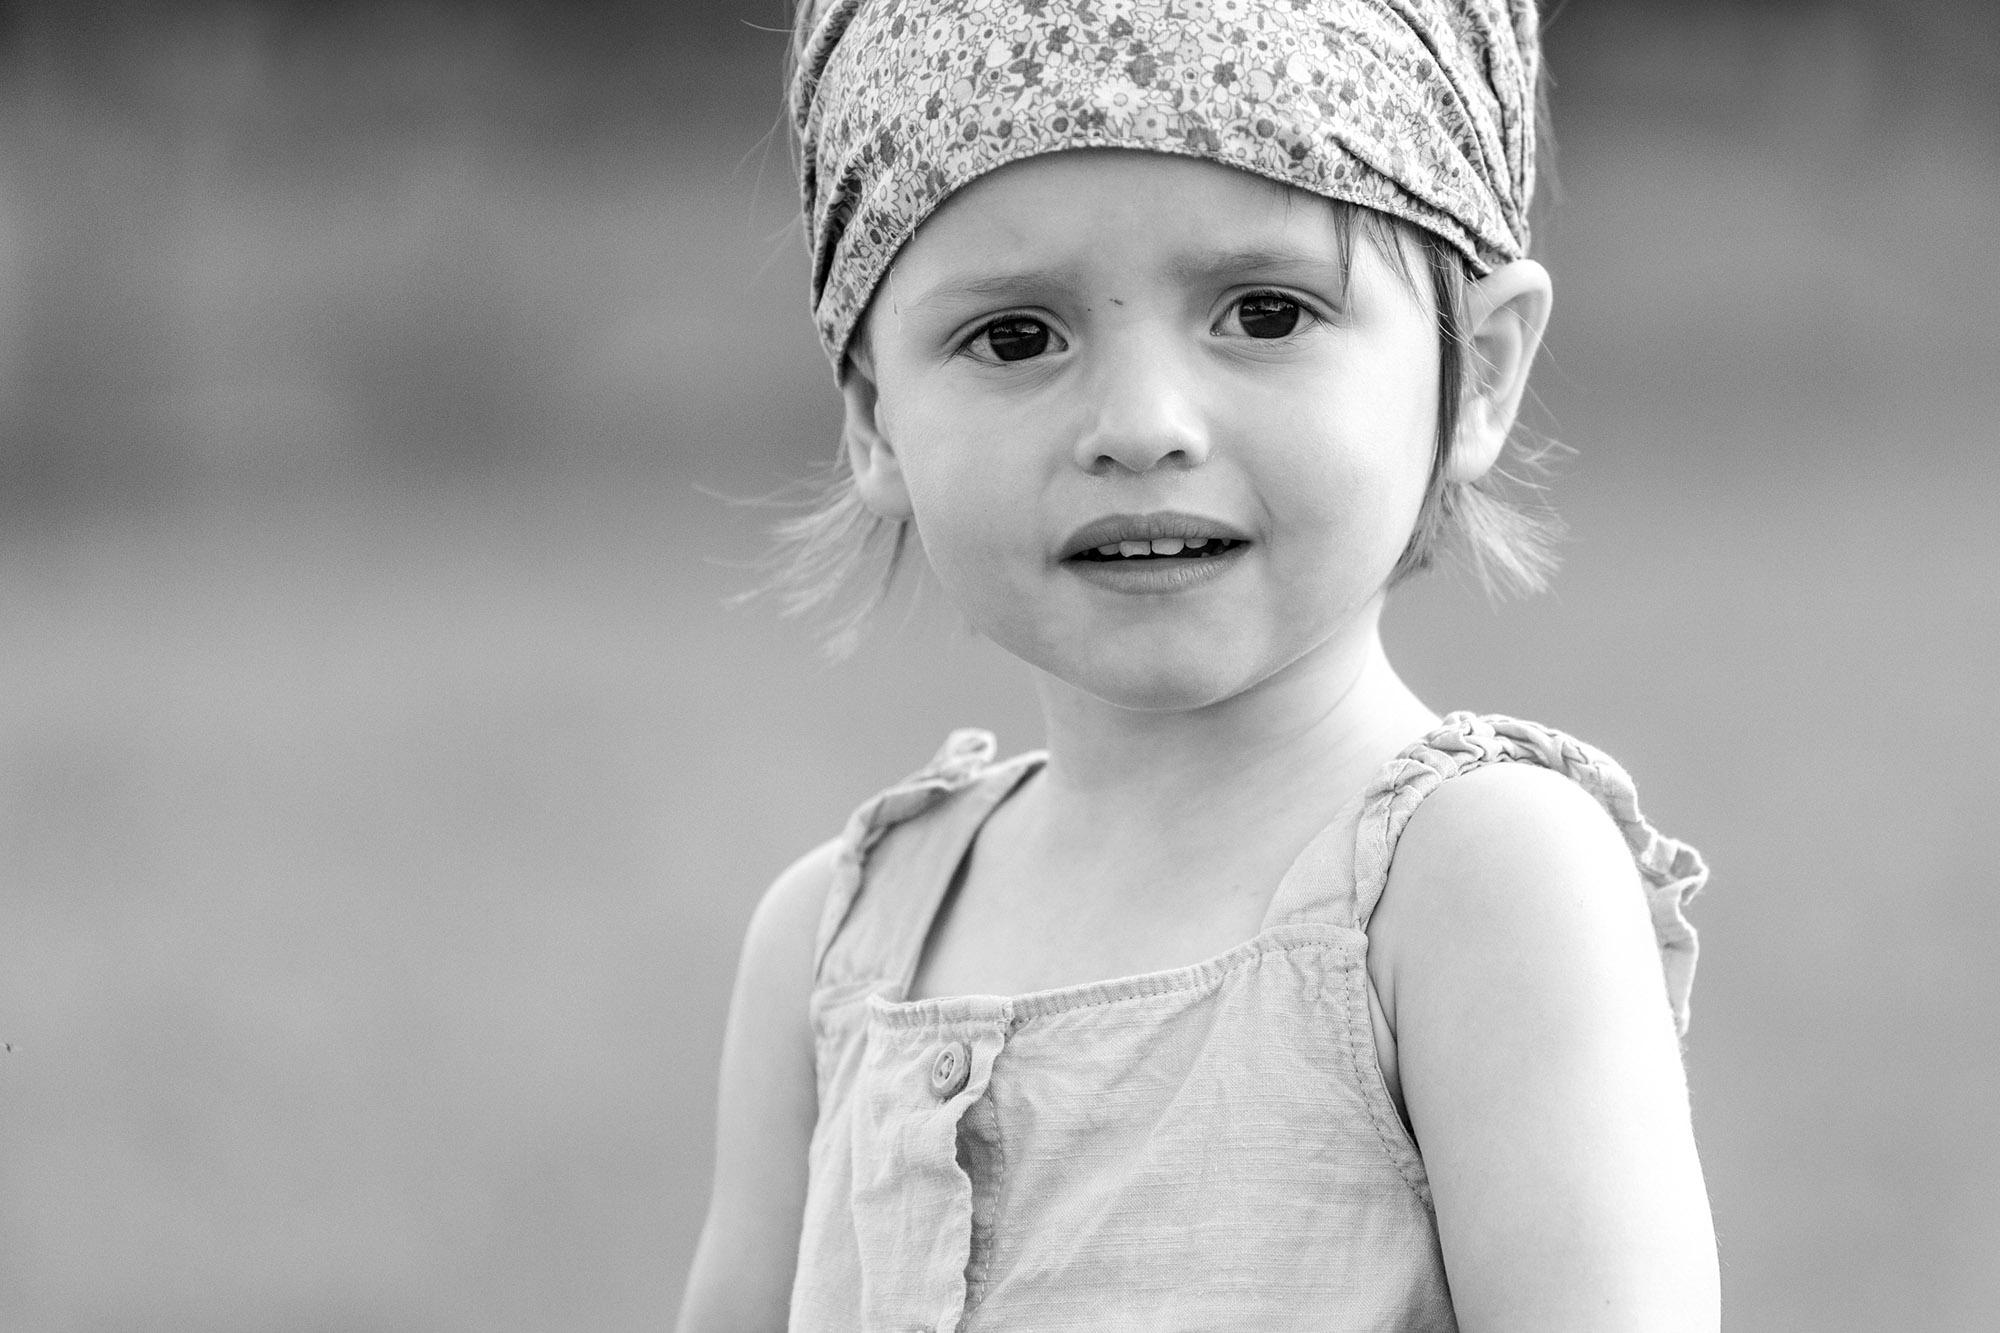 Eltern Fotokurs Basel - Kinder Portrait Fotografie Kurs in Basel